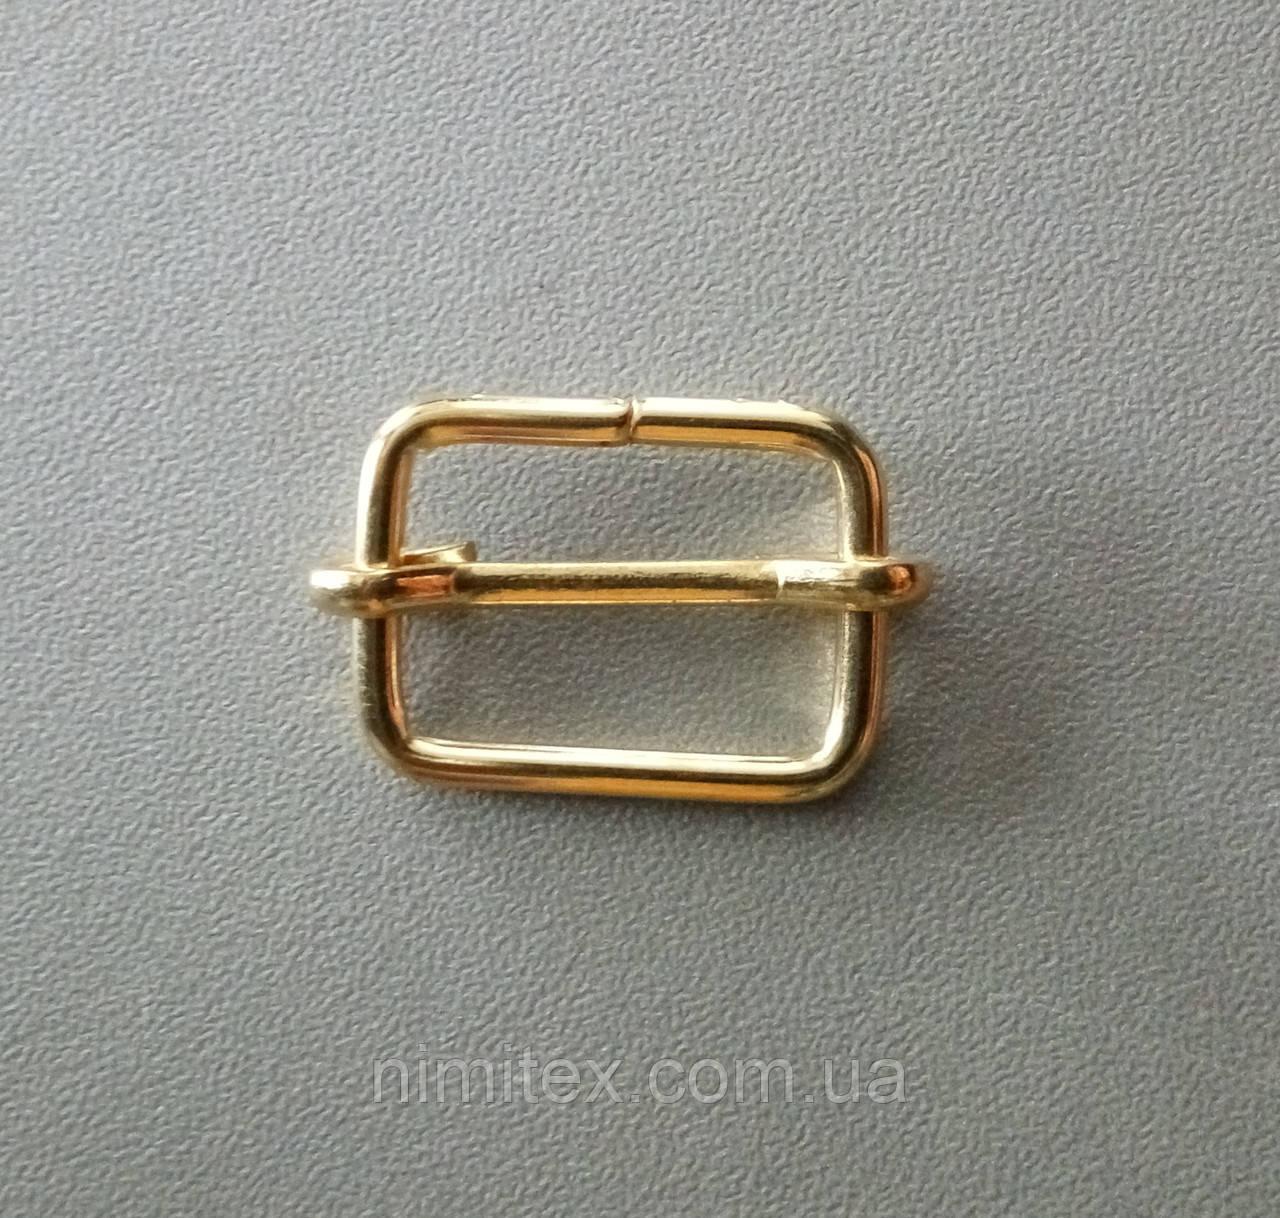 Регулятор перетяжка 20 мм золото